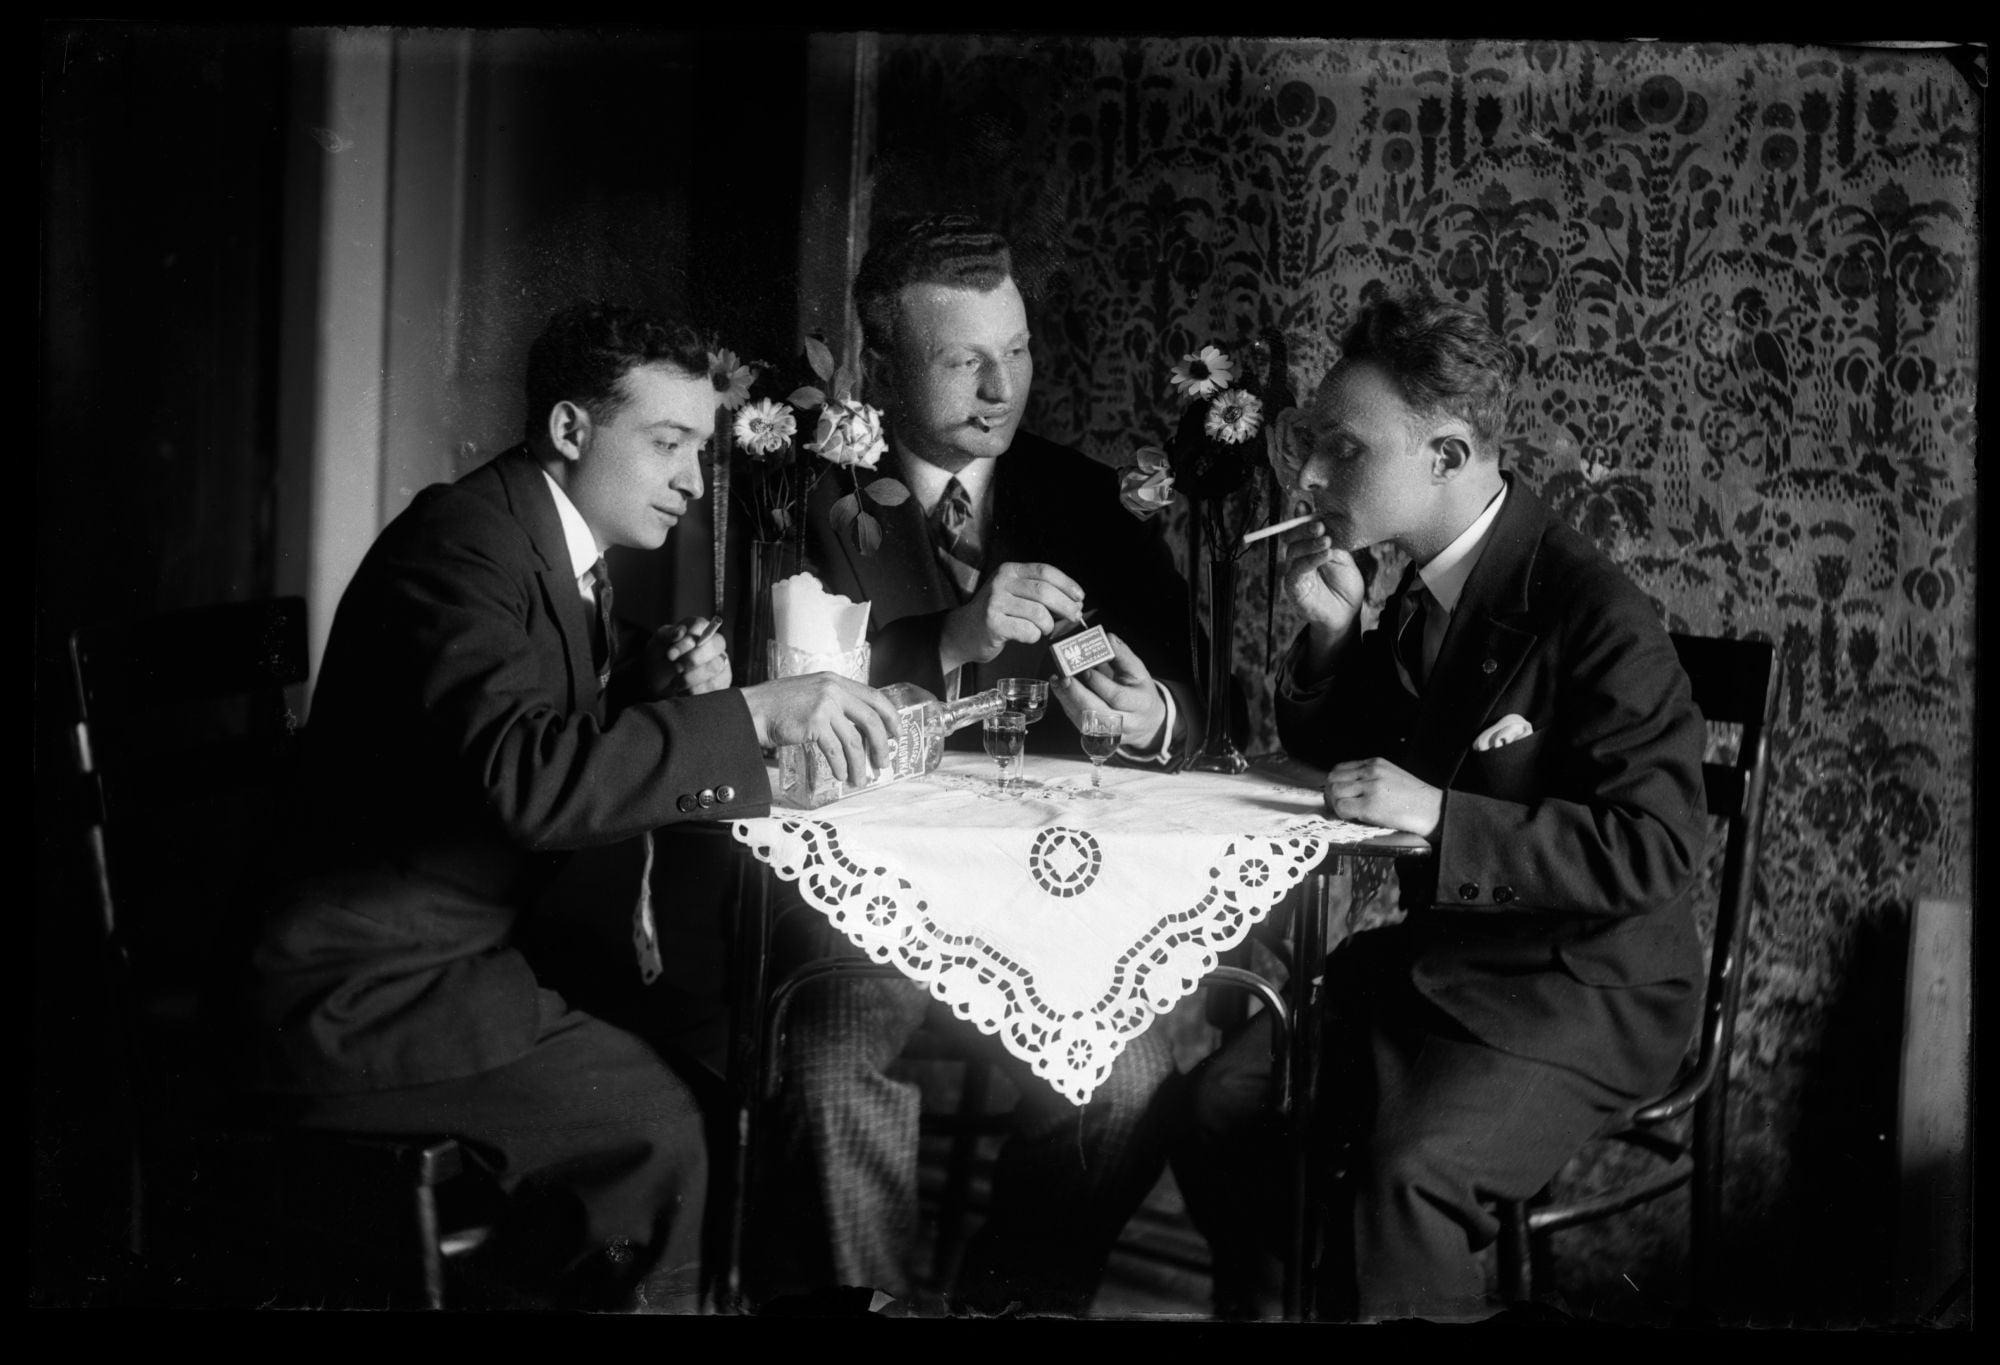 Czarno-białe zdjęcie z początków XX-tego wieku. Trzech mężczyzn przy stole piją wódkę i palą papierosy.